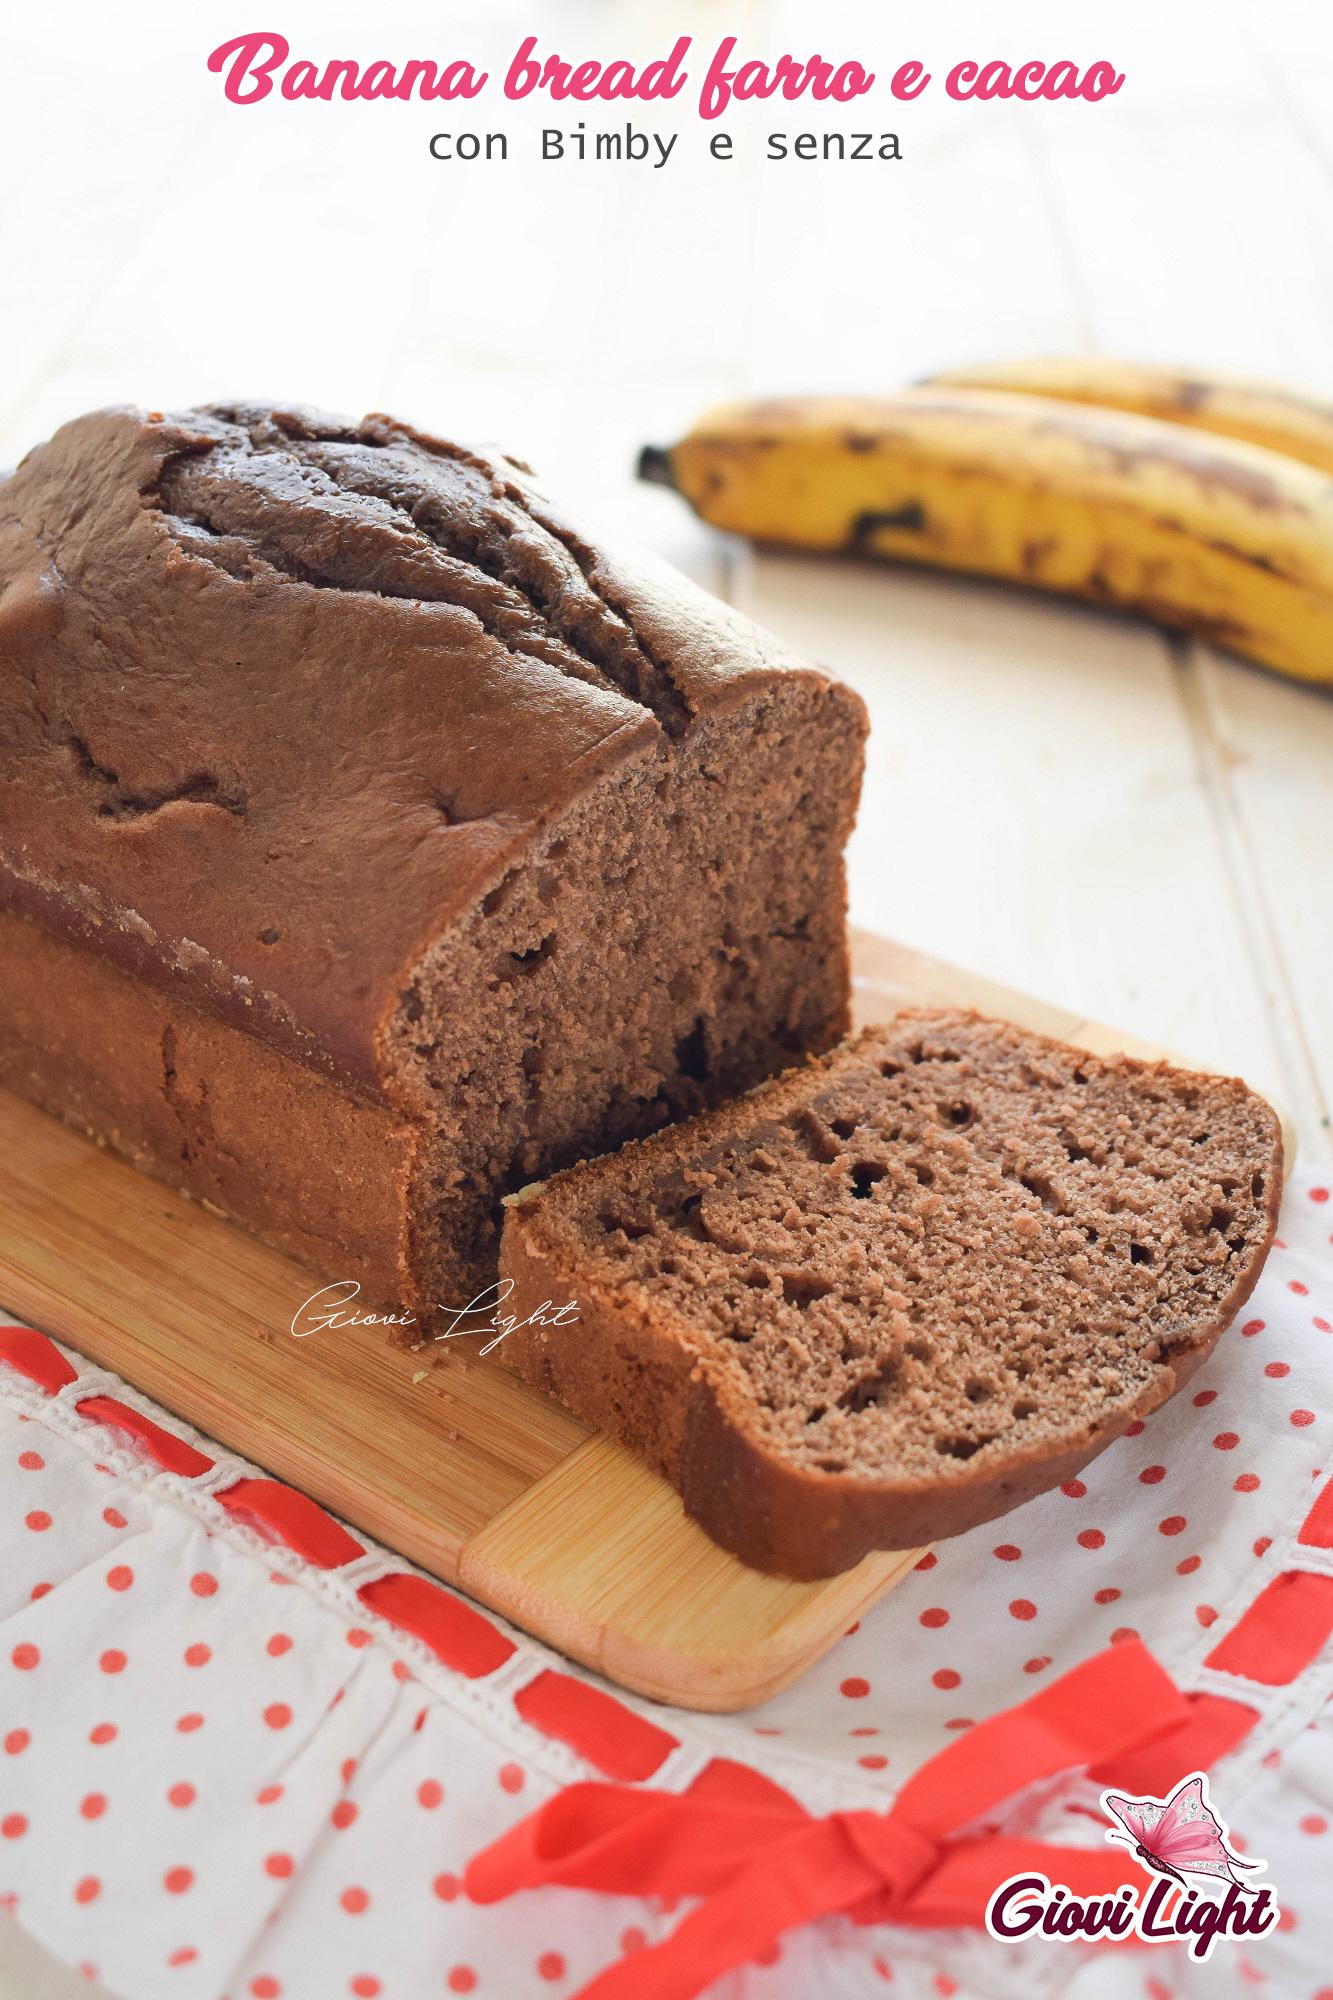 Banana bread farro e cacao - con Bimby e senza